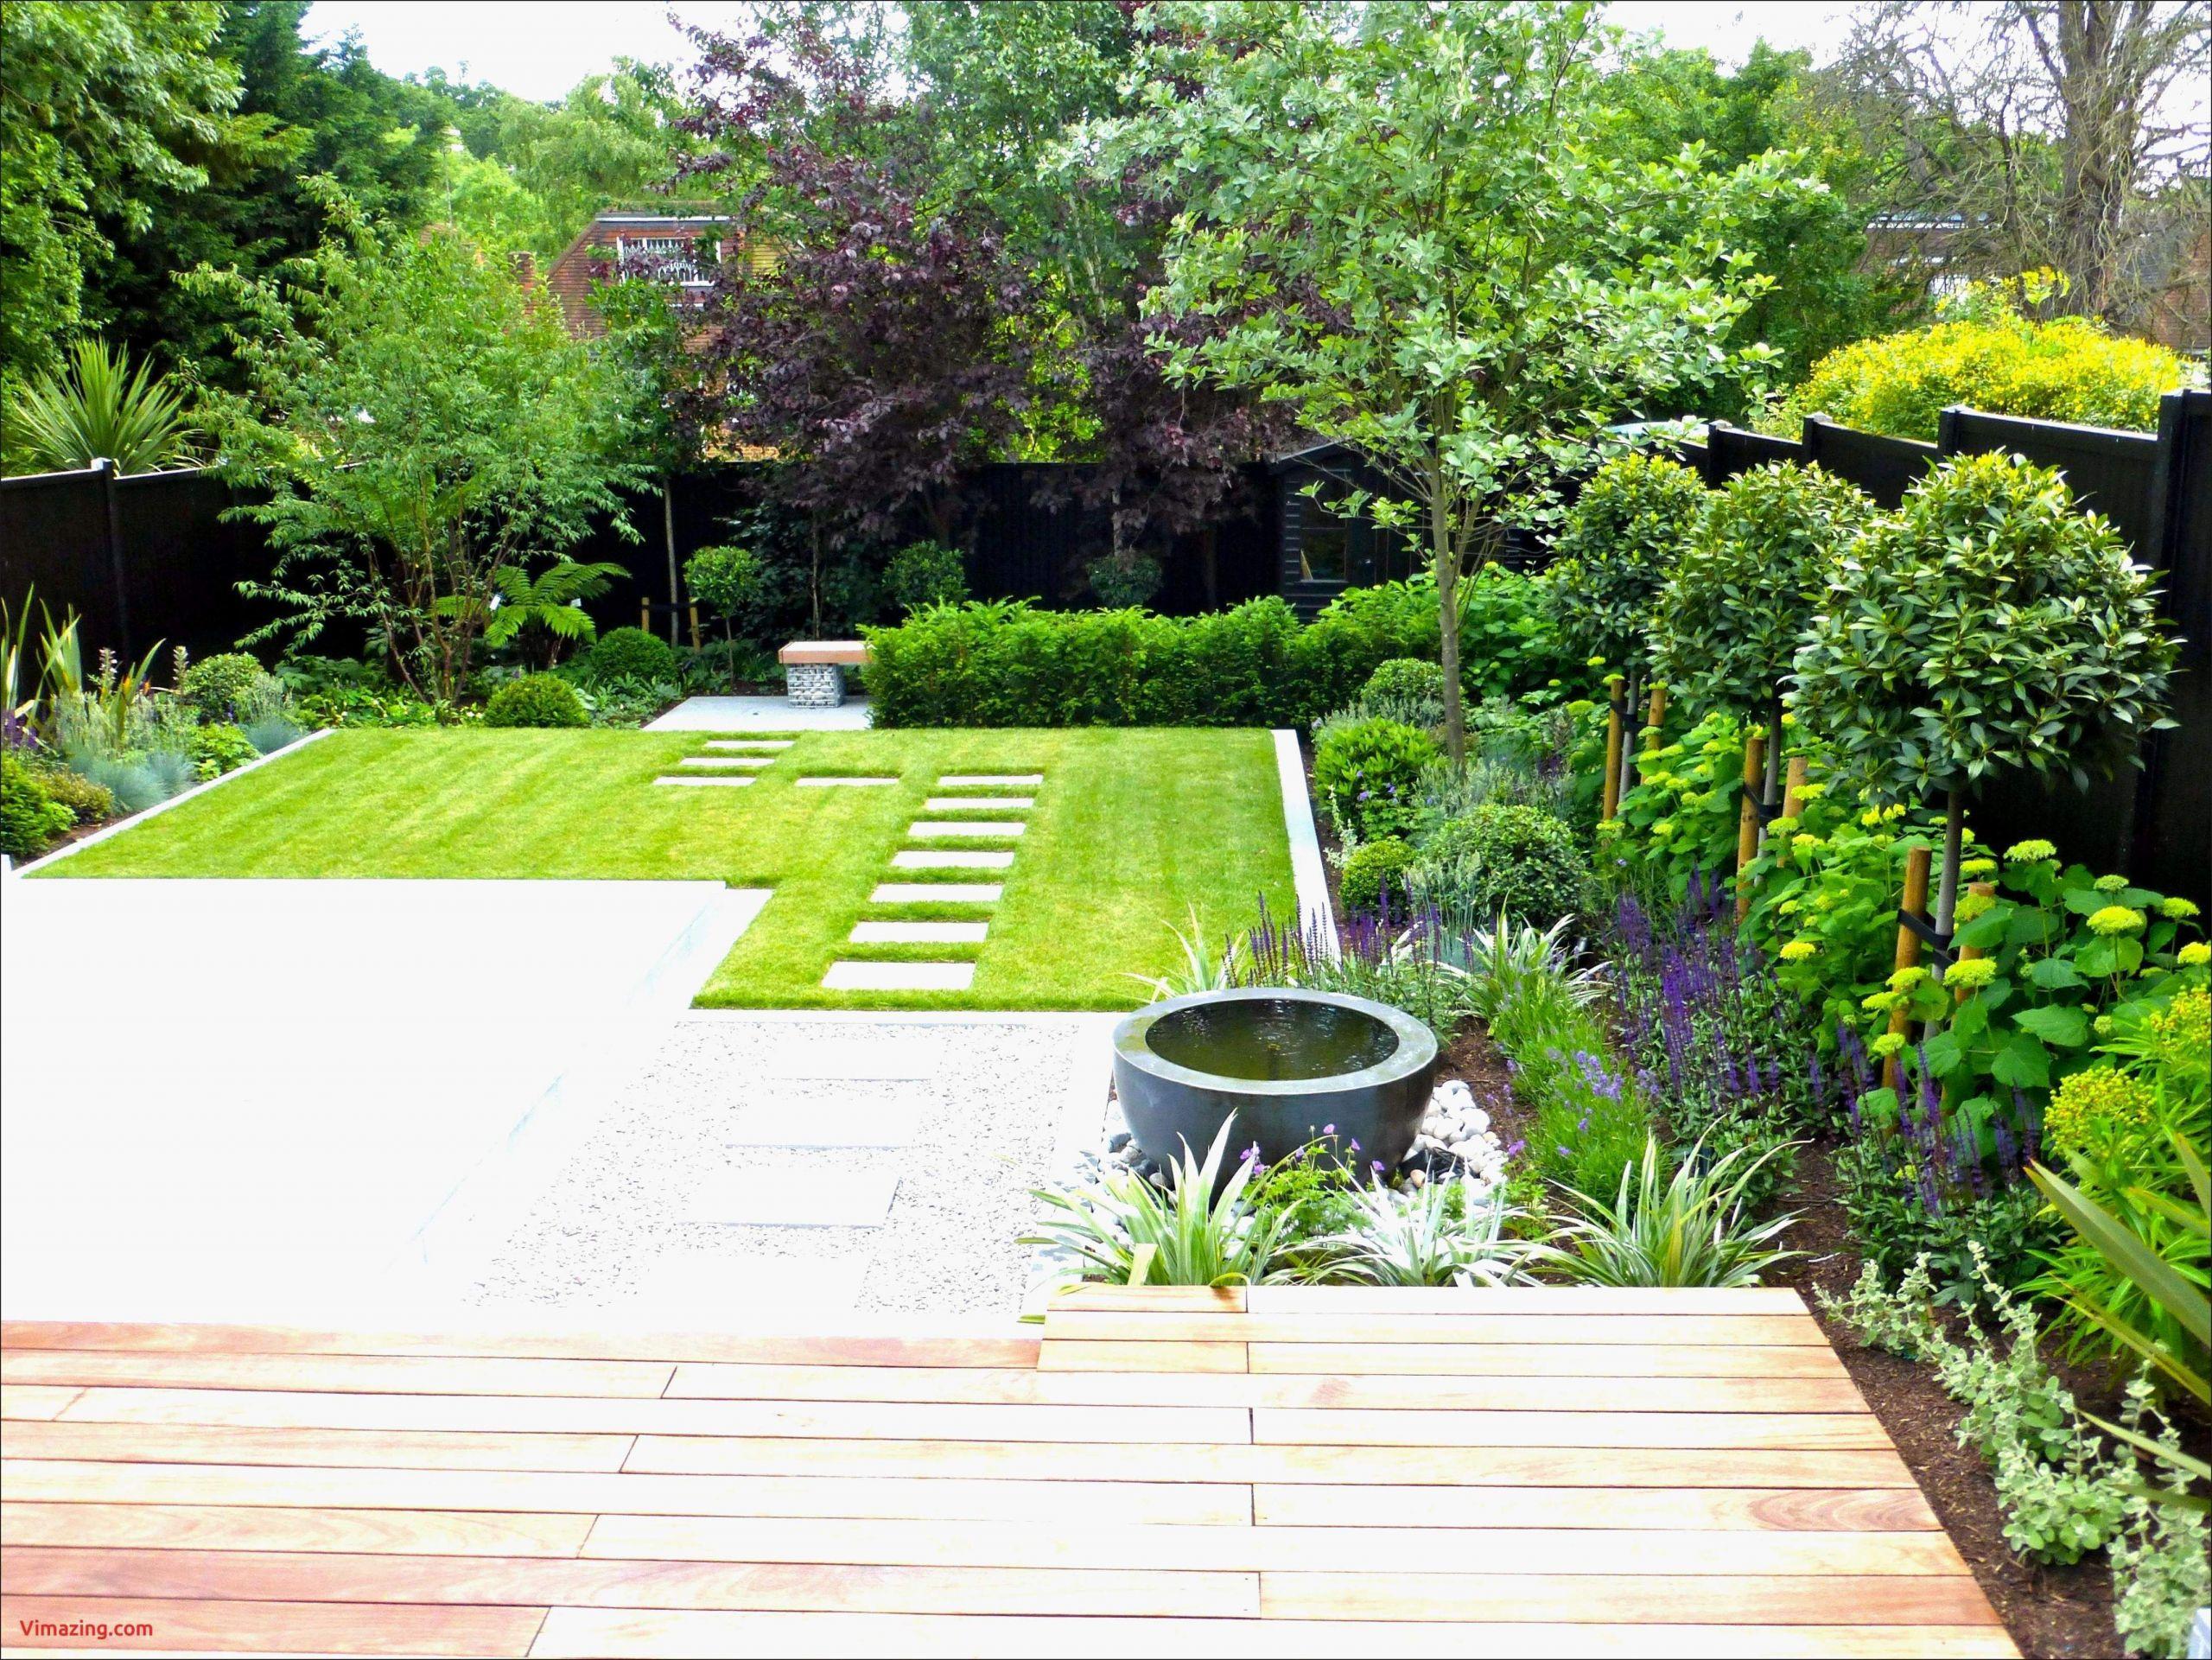 luxus moderner sichtschutz fur garten luxus pflanzen fur sichtschutz pflanzen fur sichtschutz